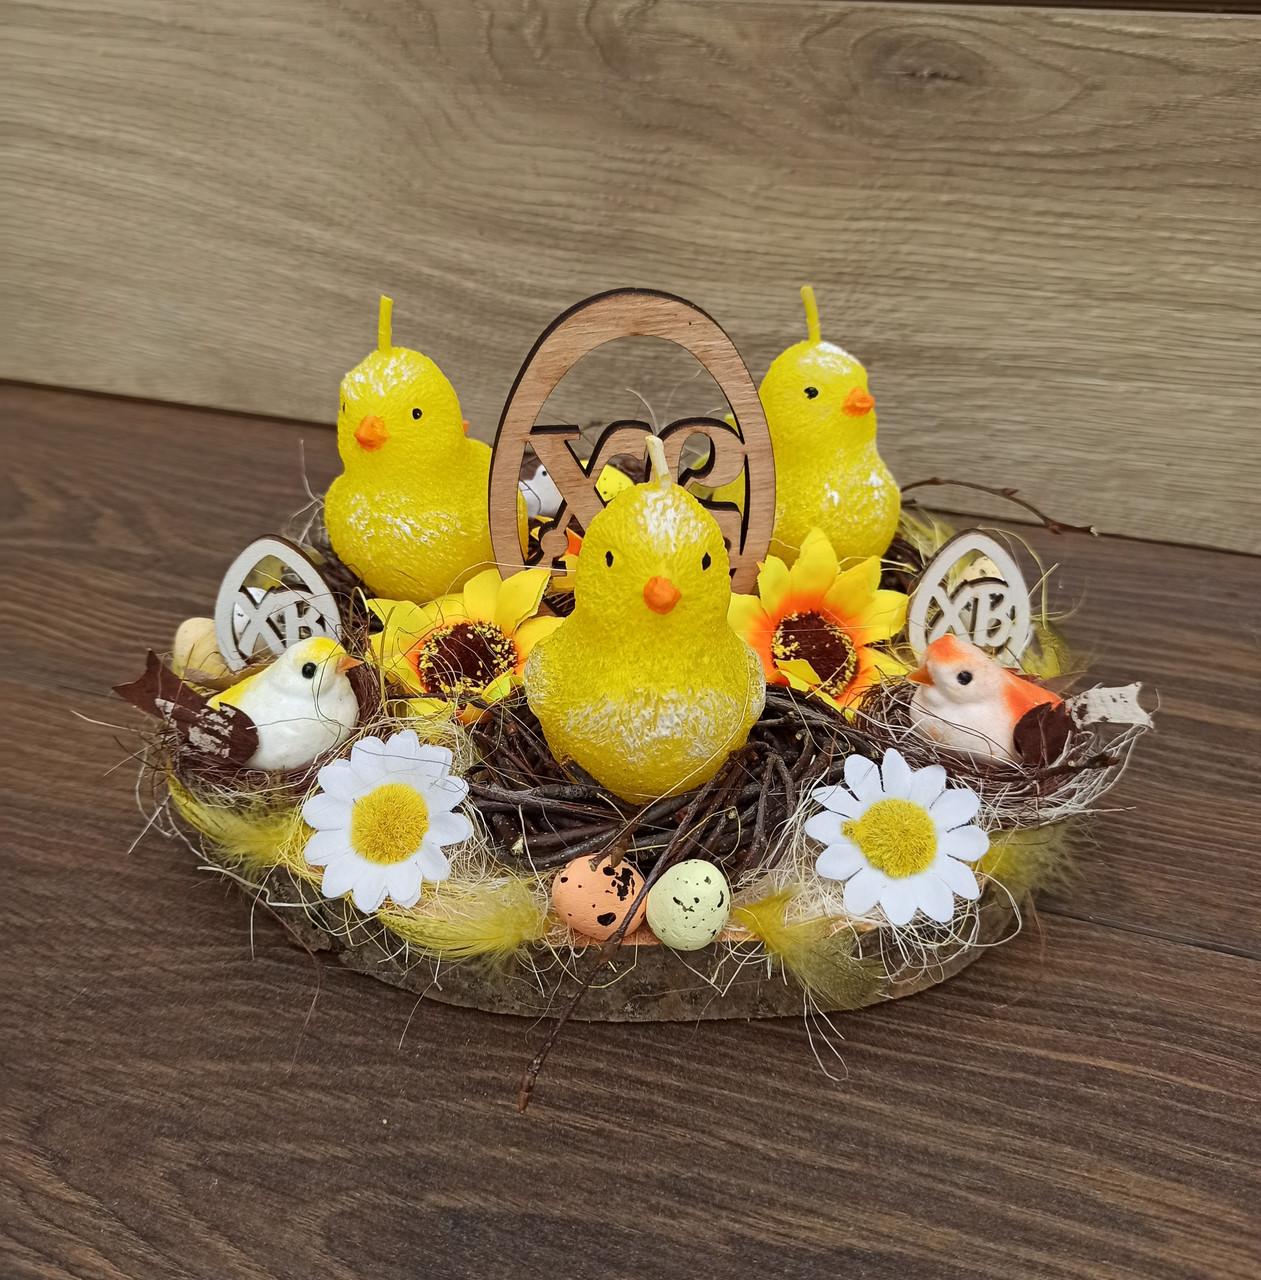 Пасхальна, великодня композиція з курчатами зі свічками на стіл.